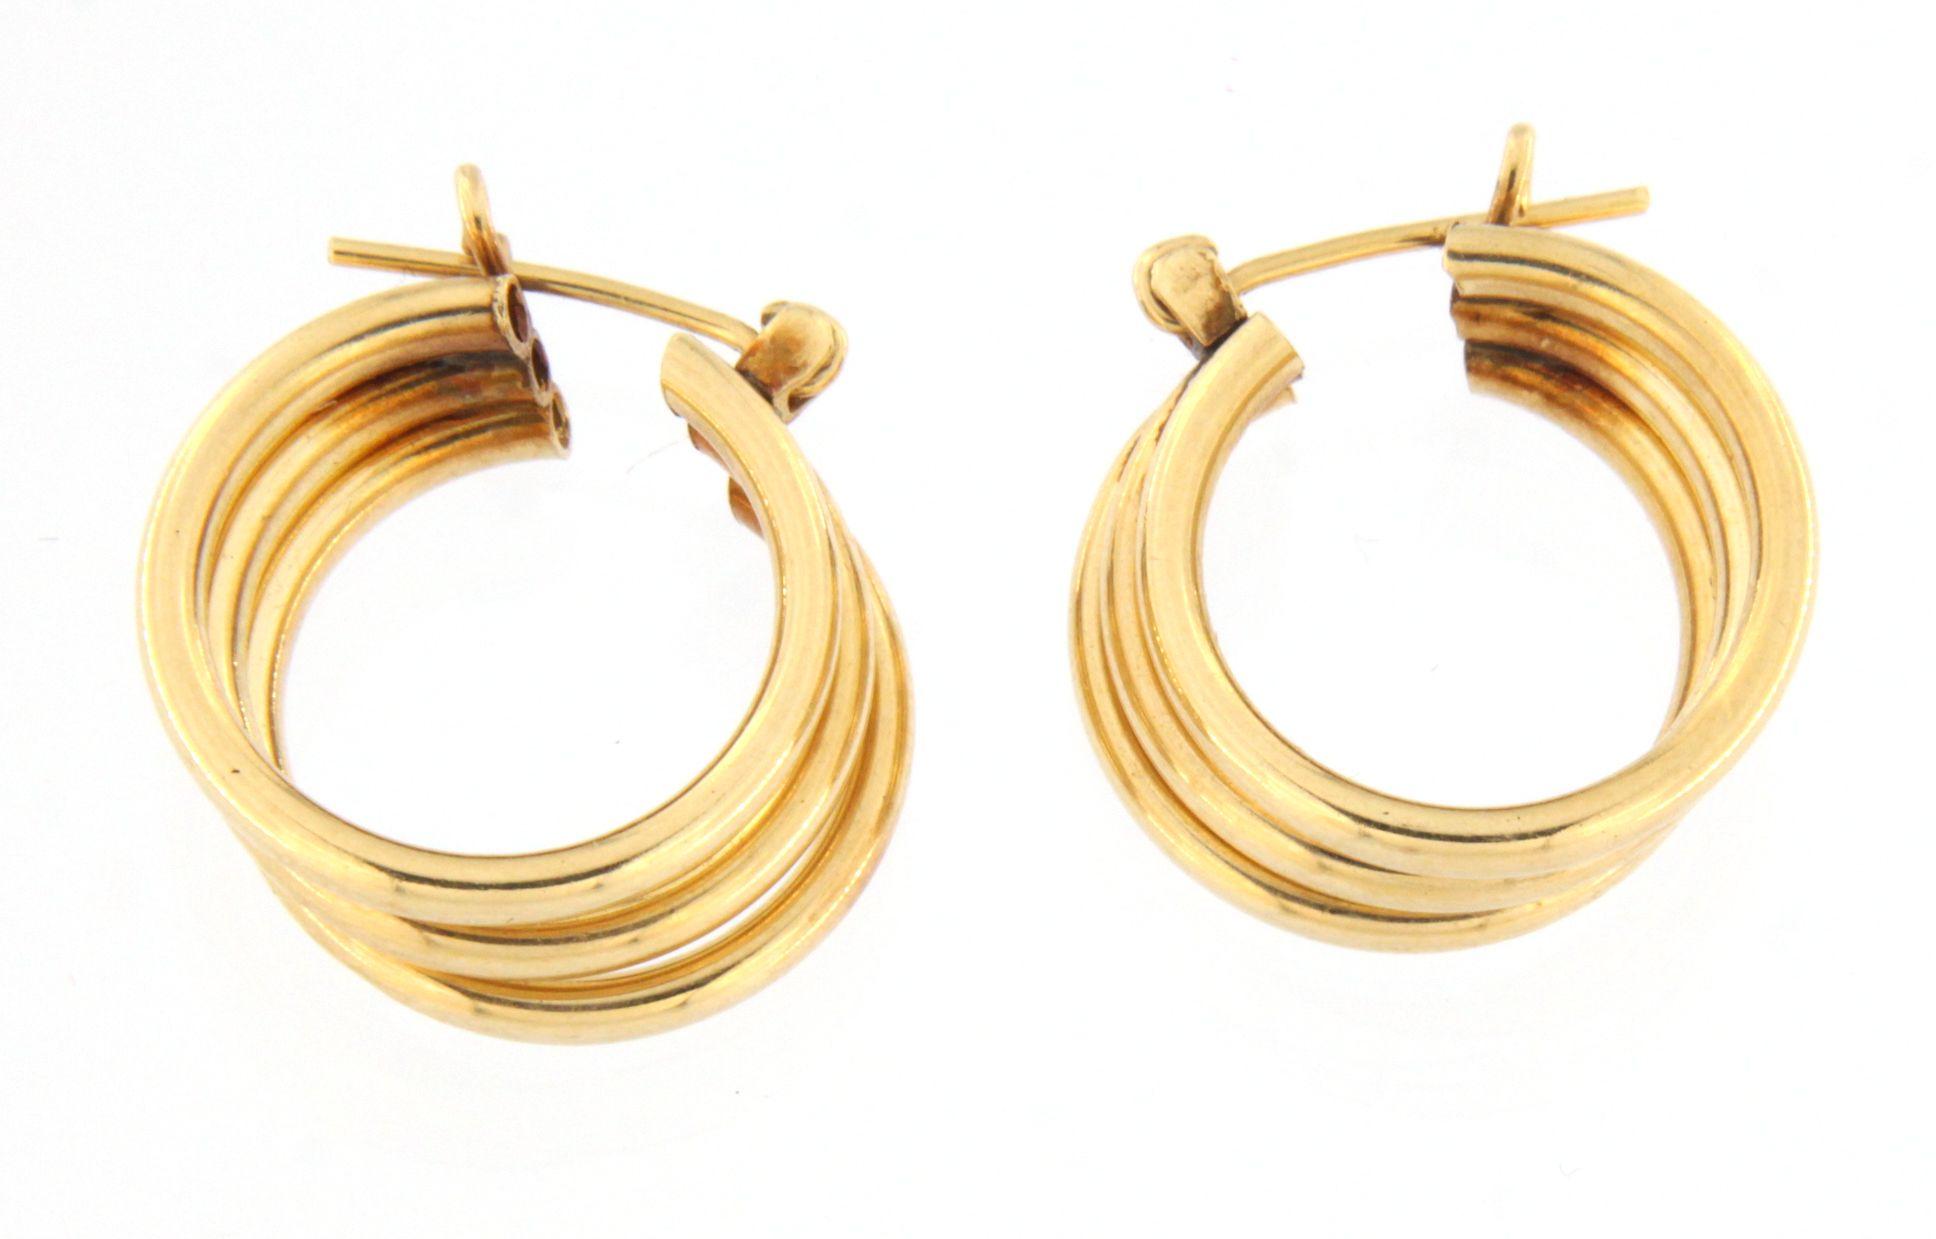 Women's Earrings 14kt Yellow Gold-img-1